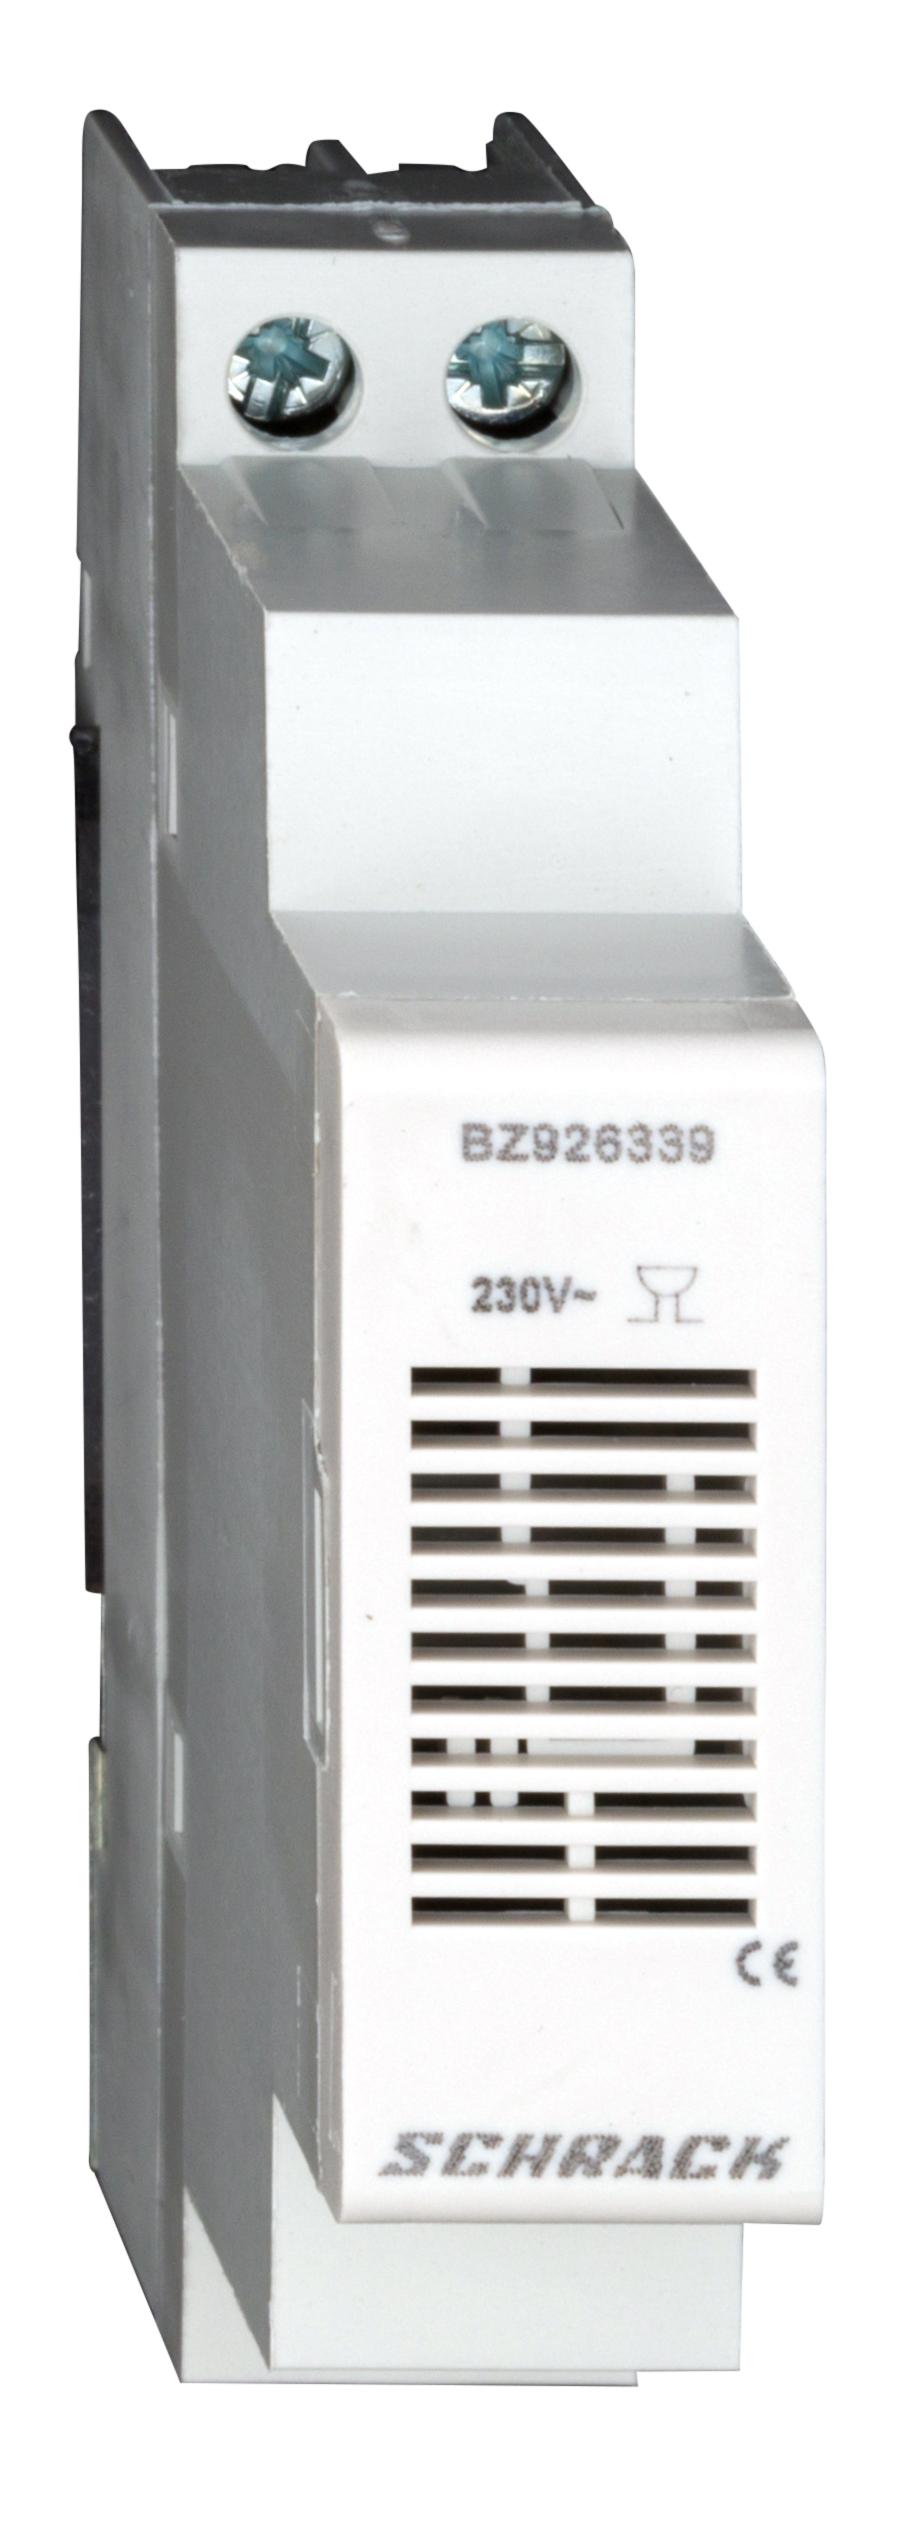 1 Stk Reiheneinbau Summer, 230V AC BZ926339--